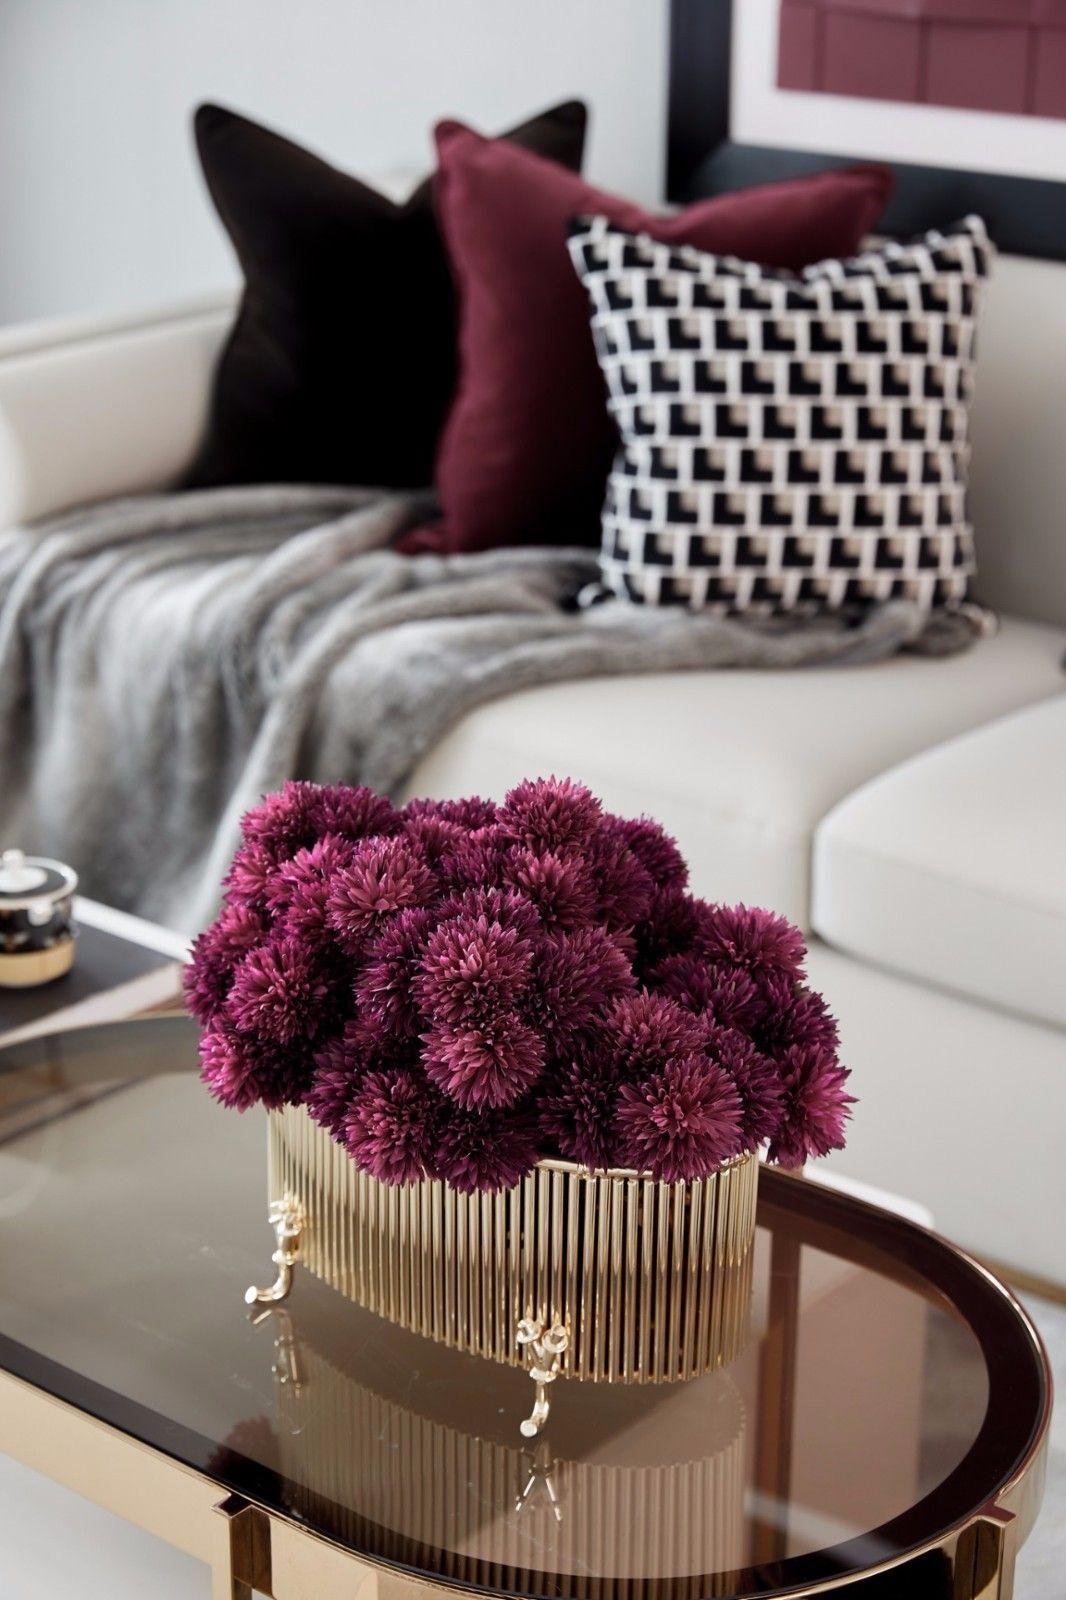 ''红梨色''点缀的奢丽雅致住宅丨这是一场以取悦自我为主题的视觉盛宴 D.DECOR DESIGN - 4